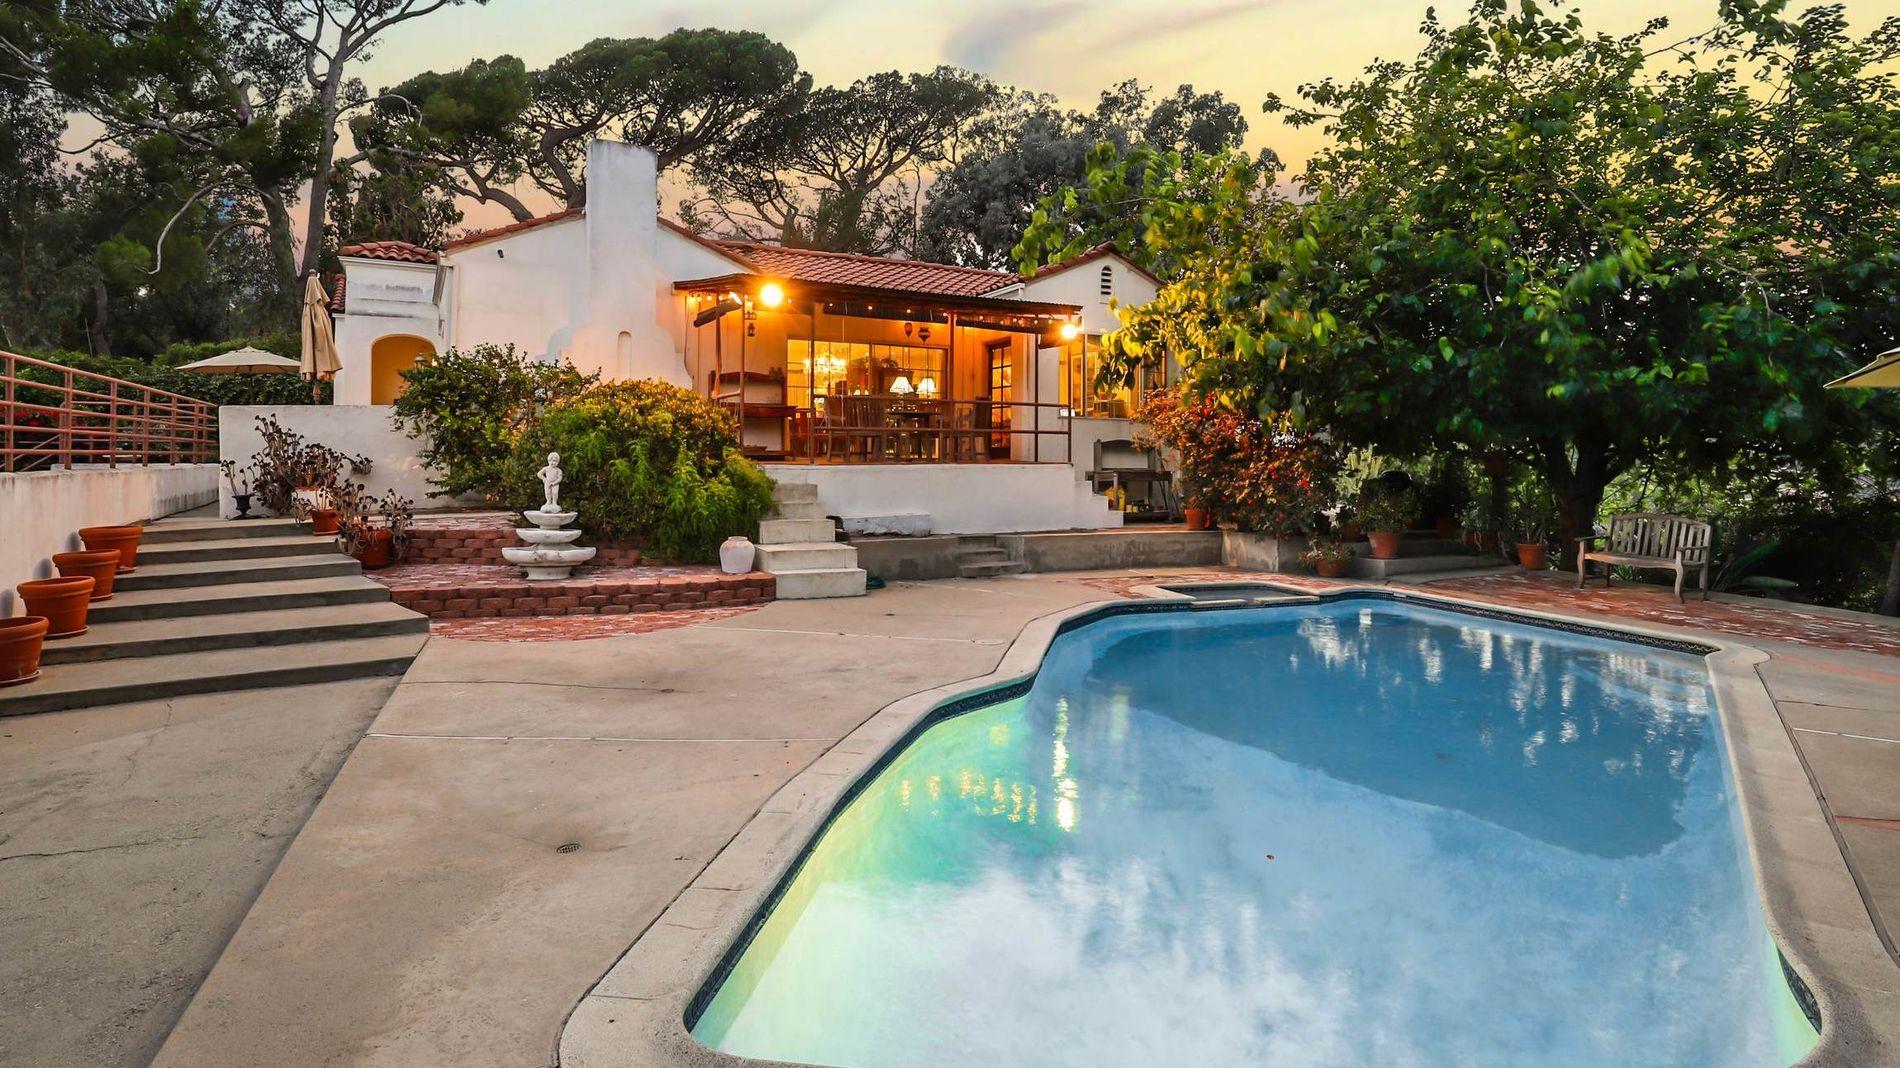 HYGGELIGERE ENN I 1969: Villaen har basseng og har utsikt over Downtown Los Angeles.